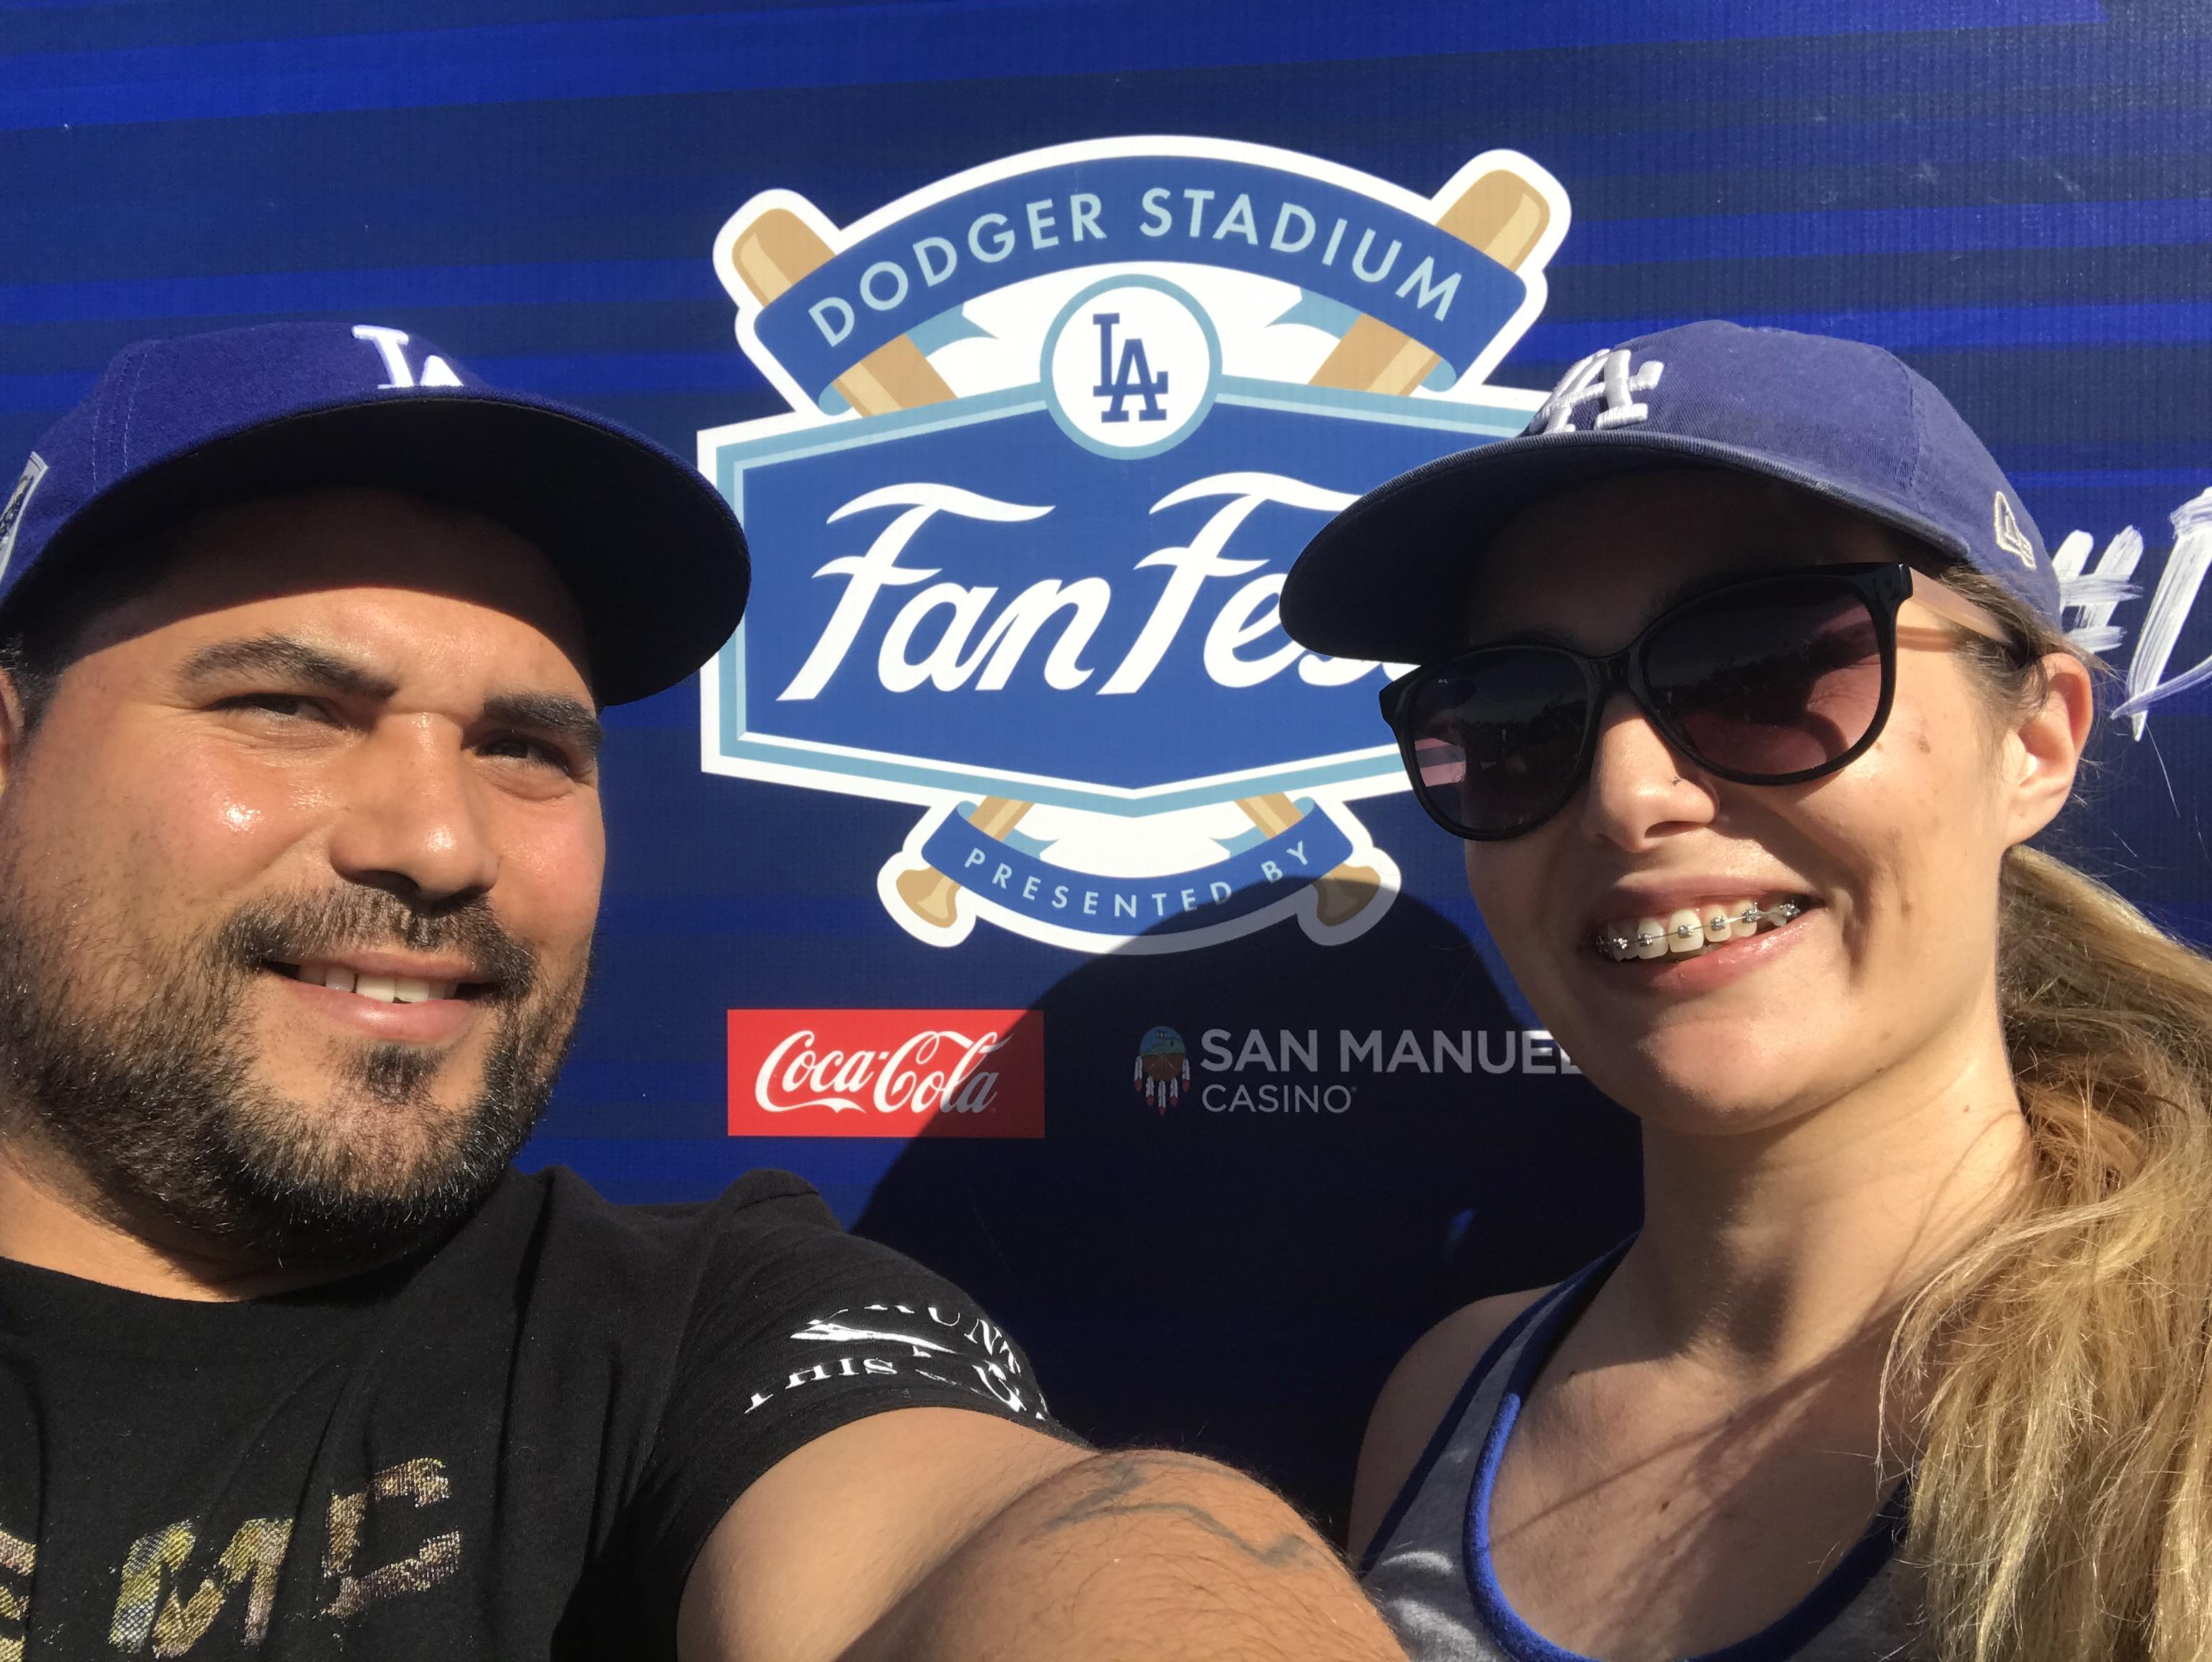 Dodger Stadium Fan Fest 2019